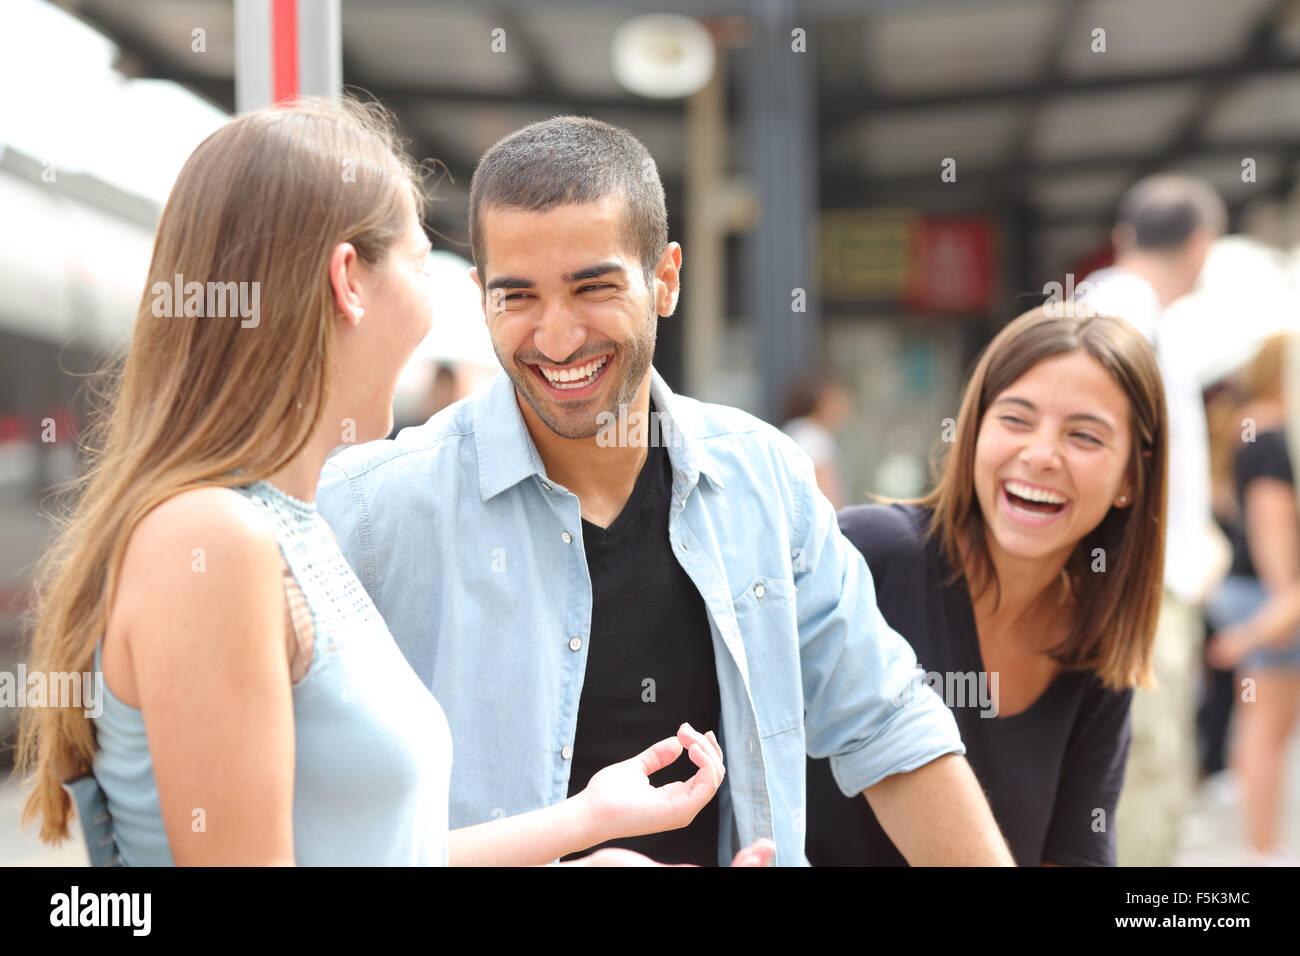 Trois amis parler et rire en tenant une conversation dans une gare Photo Stock